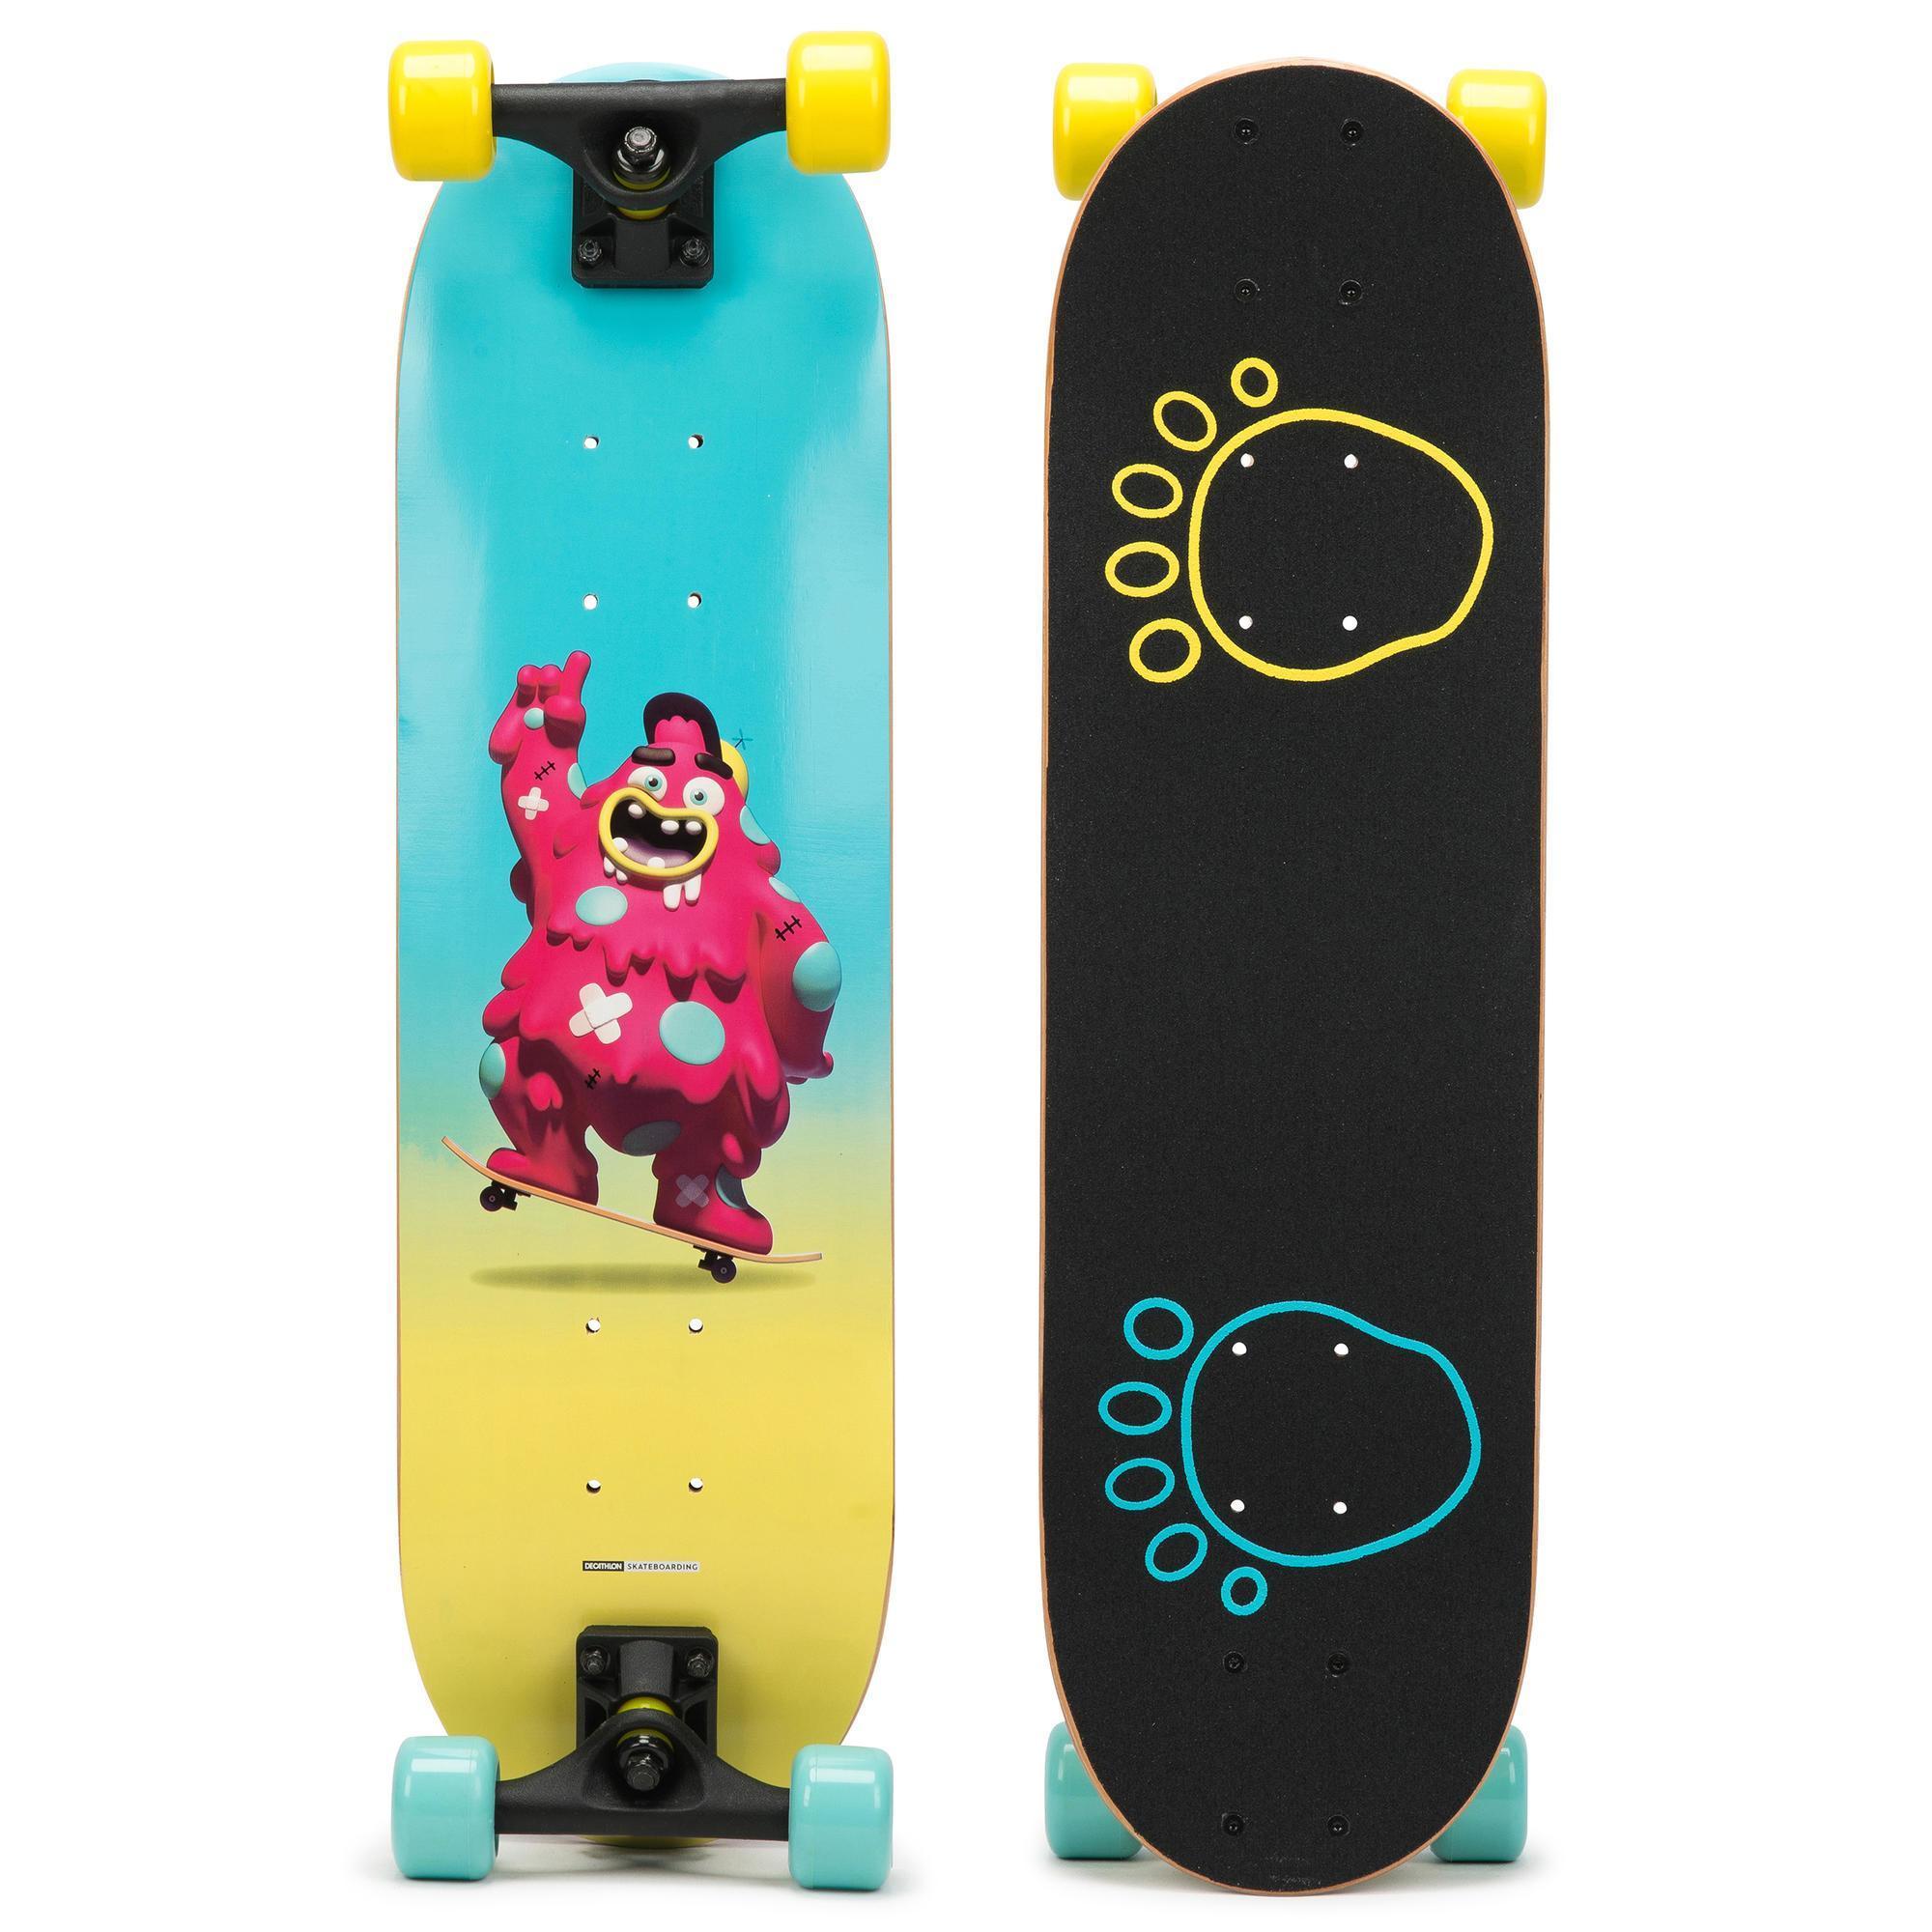 Skateboard Play 120 Skate für Kinder von 37 Jahren